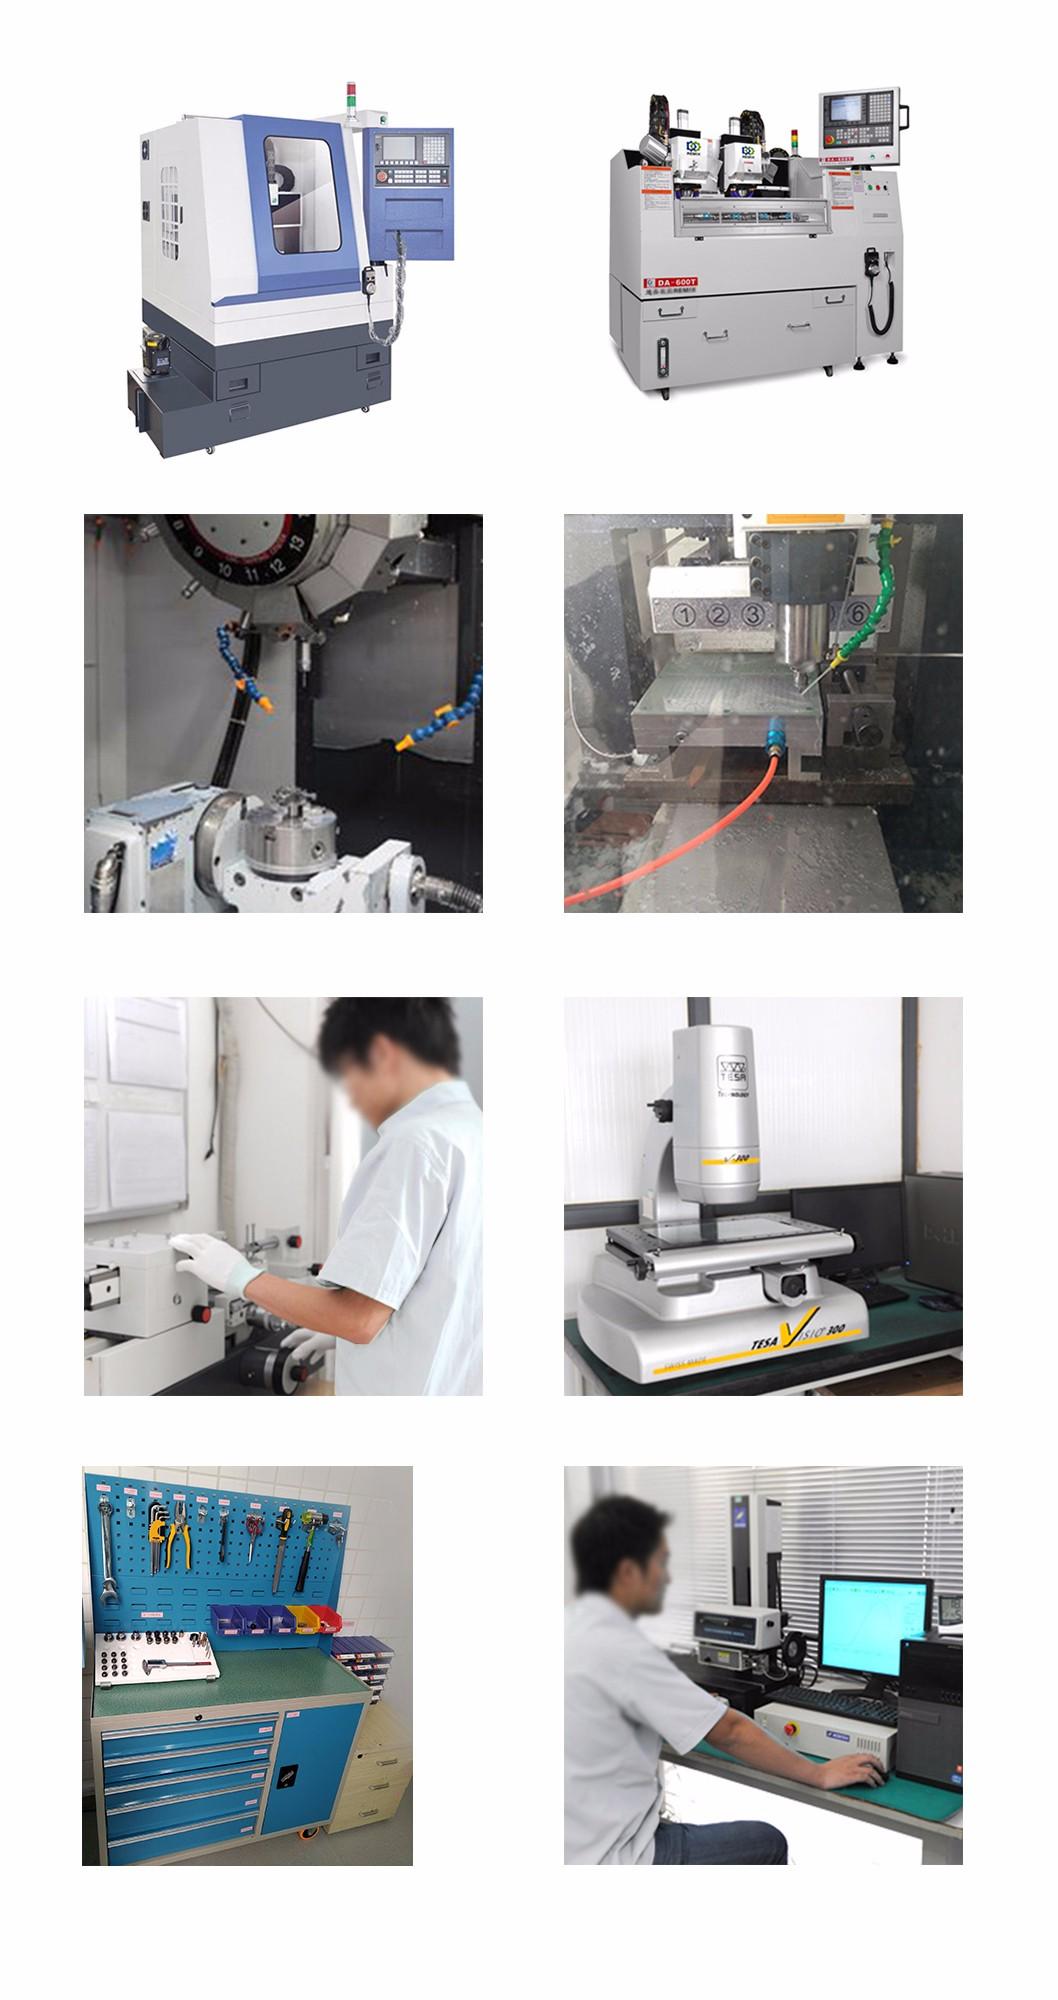 汶颢芯片批量加工部分设备介绍